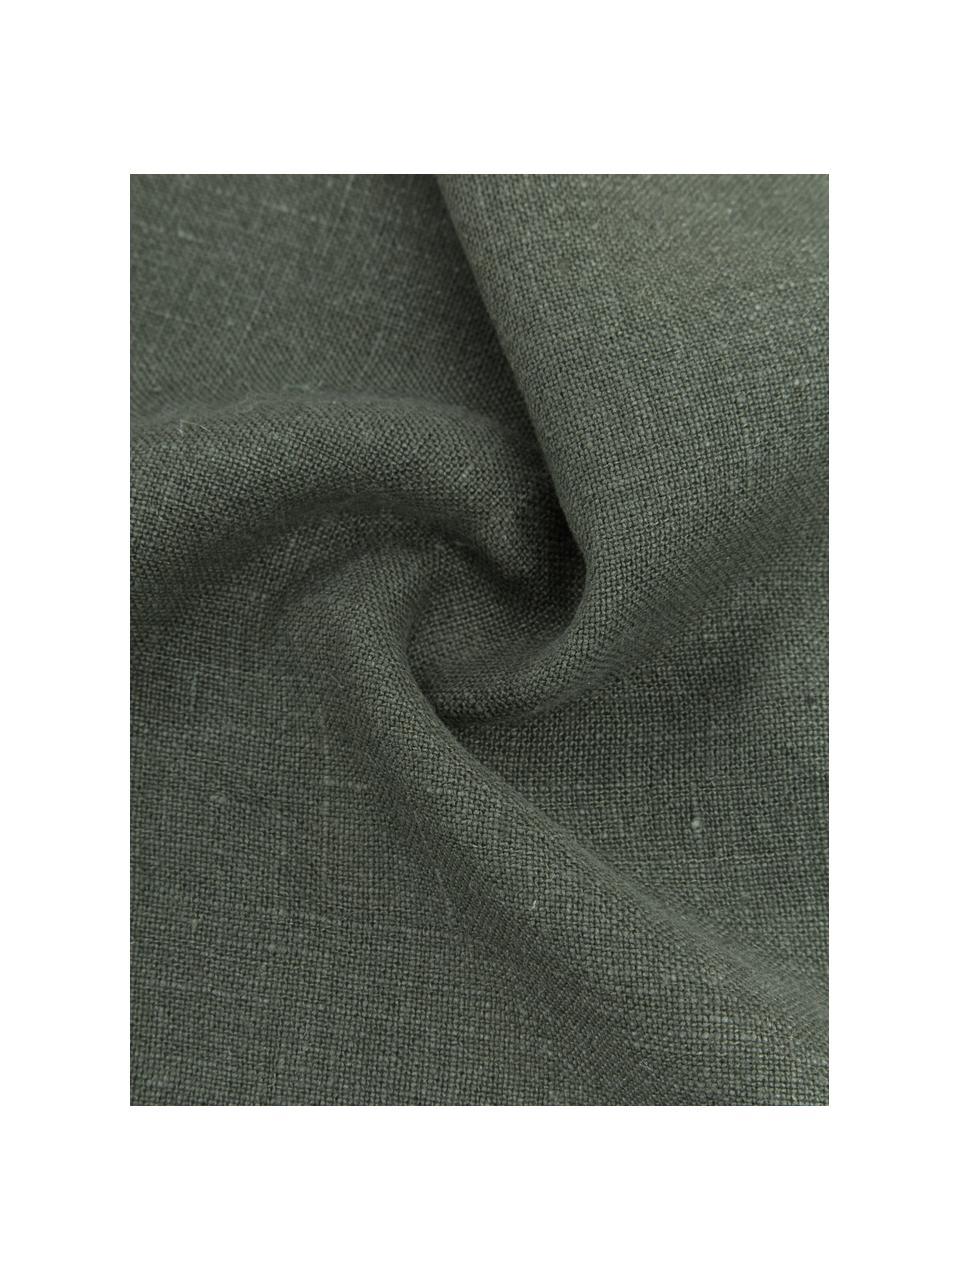 Poszewka na poduszkę z lnu z frędzlami Luana, 100% len, Zielony, S 40 x D 40 cm